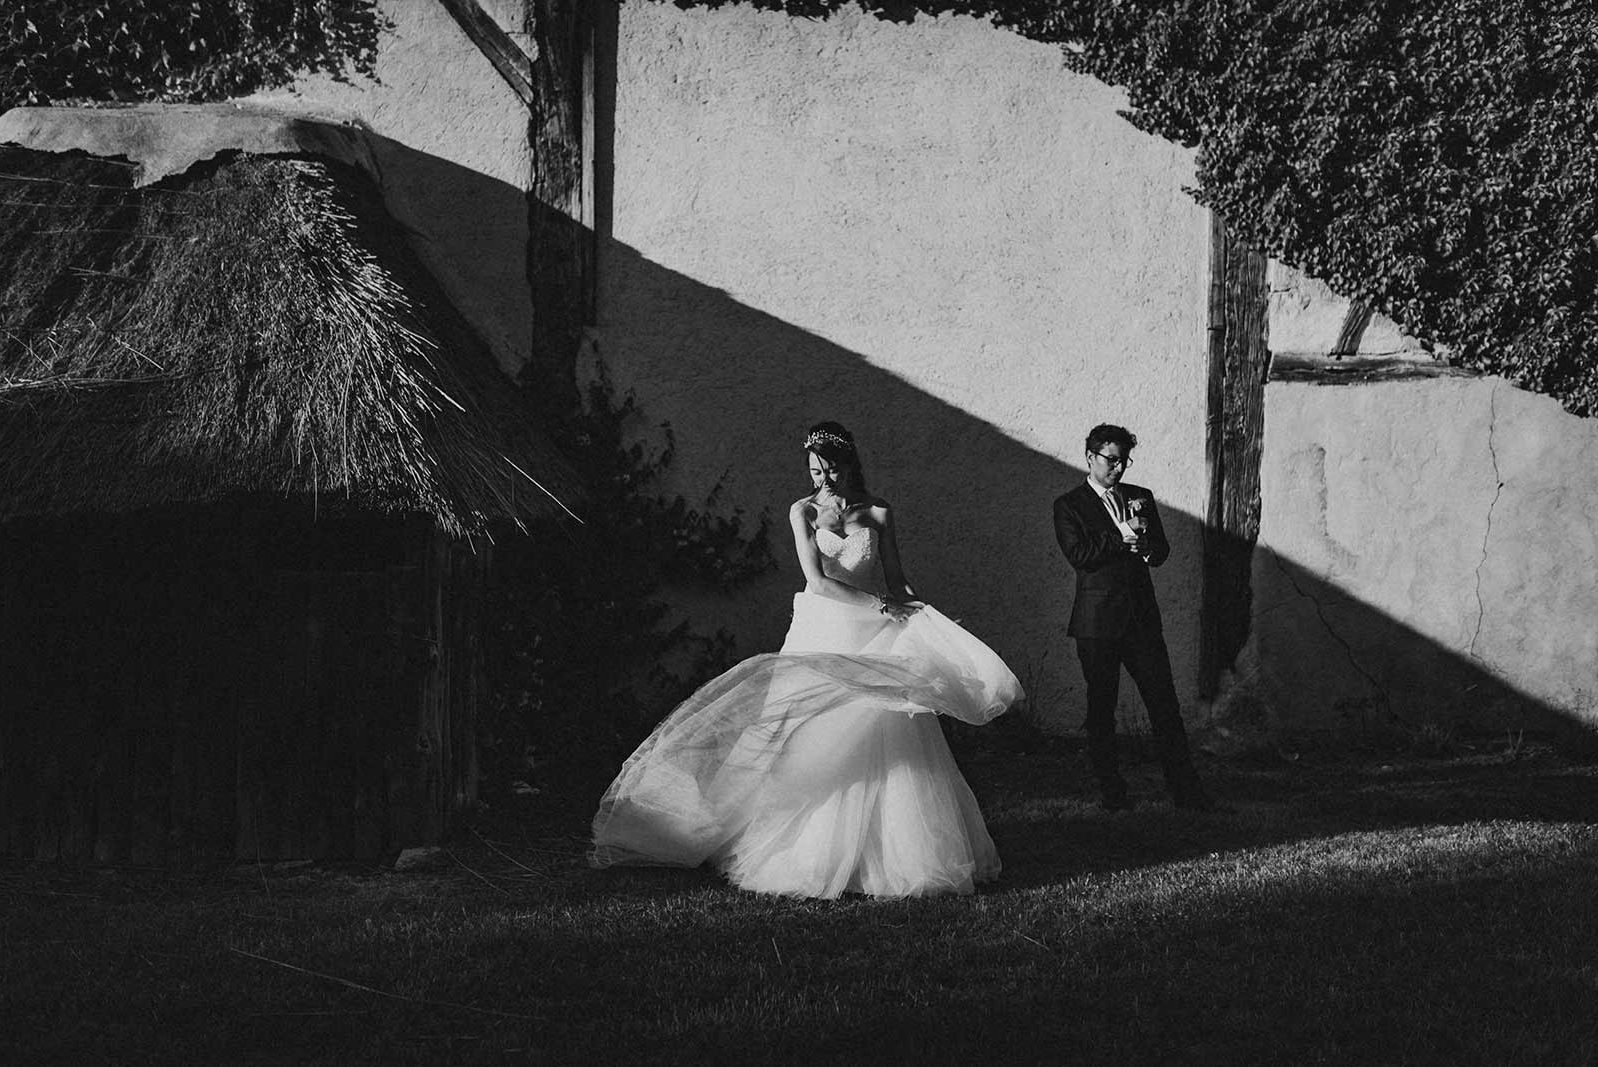 Mariés en noir et blanc, style ancien.